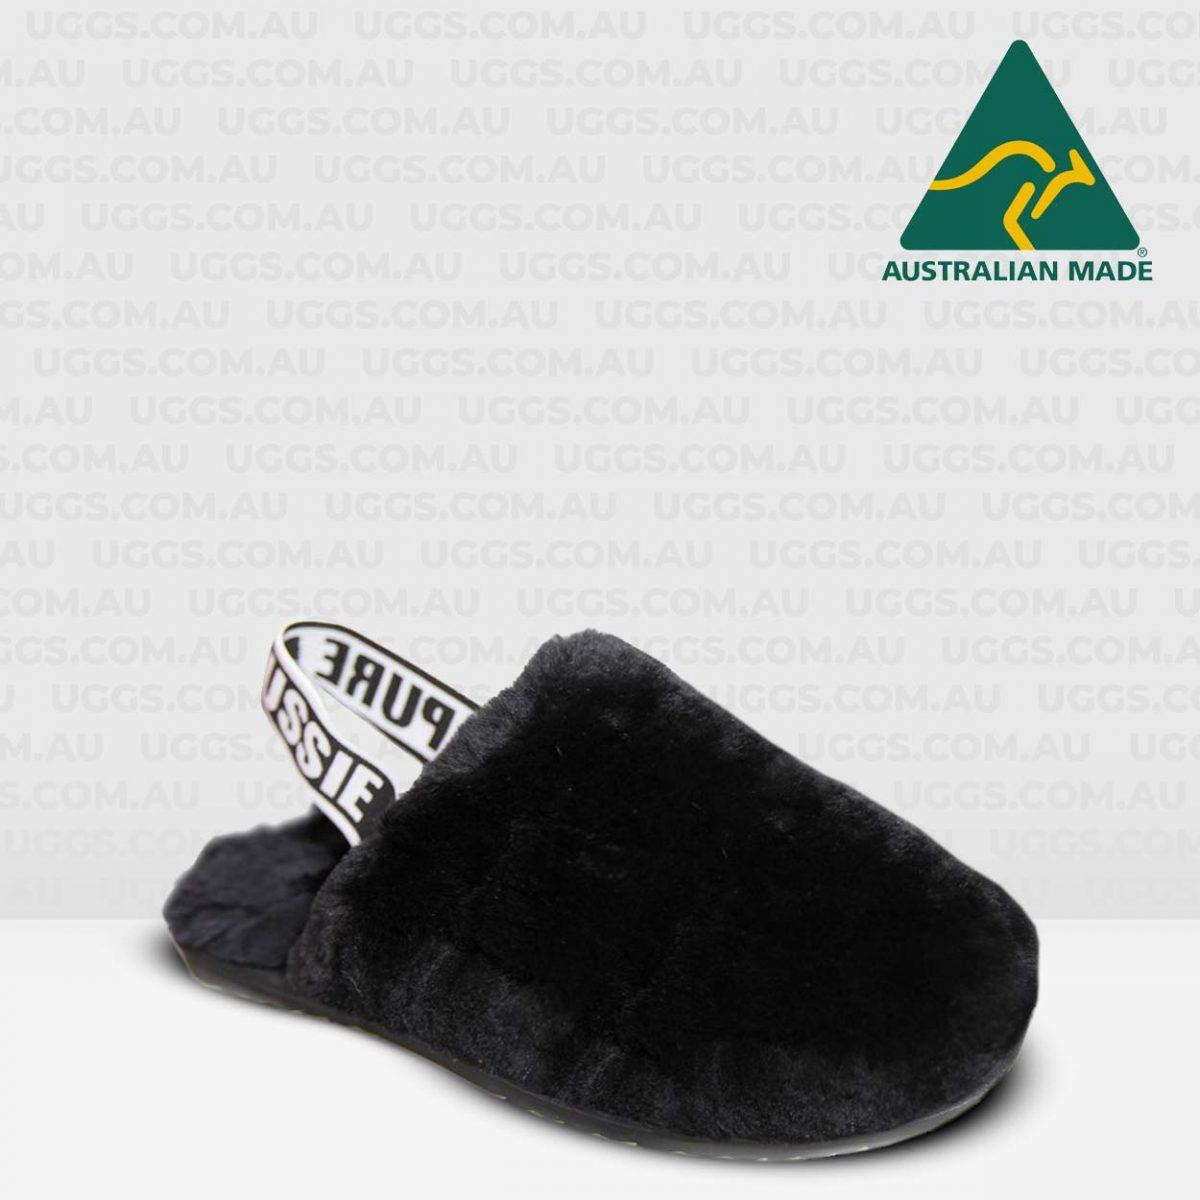 fluff sheepskin scuffs black